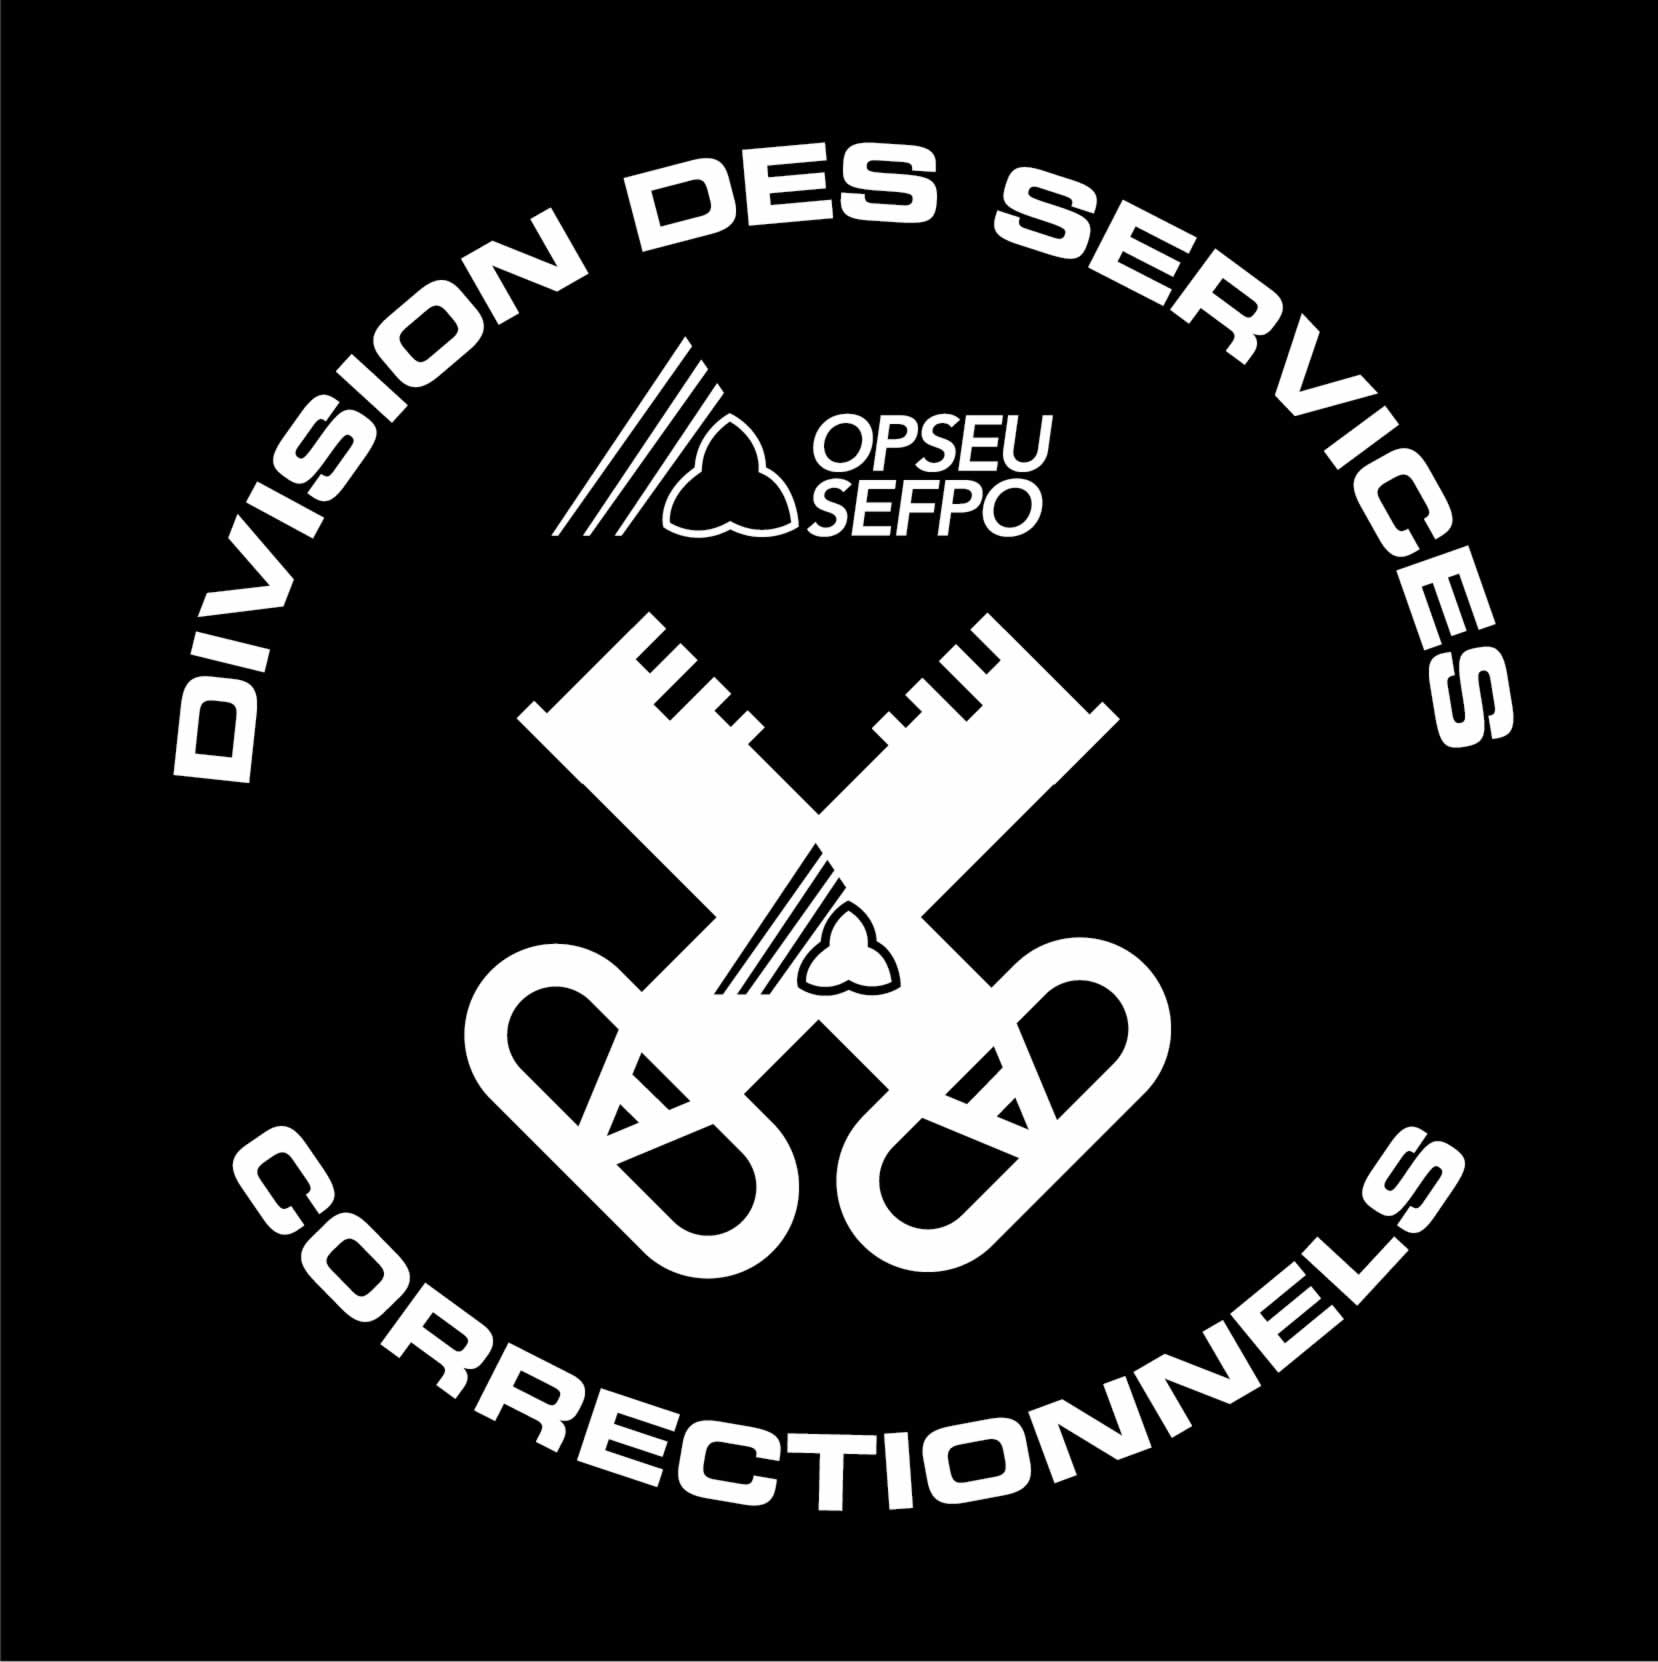 Division Des Services, Correctionnels